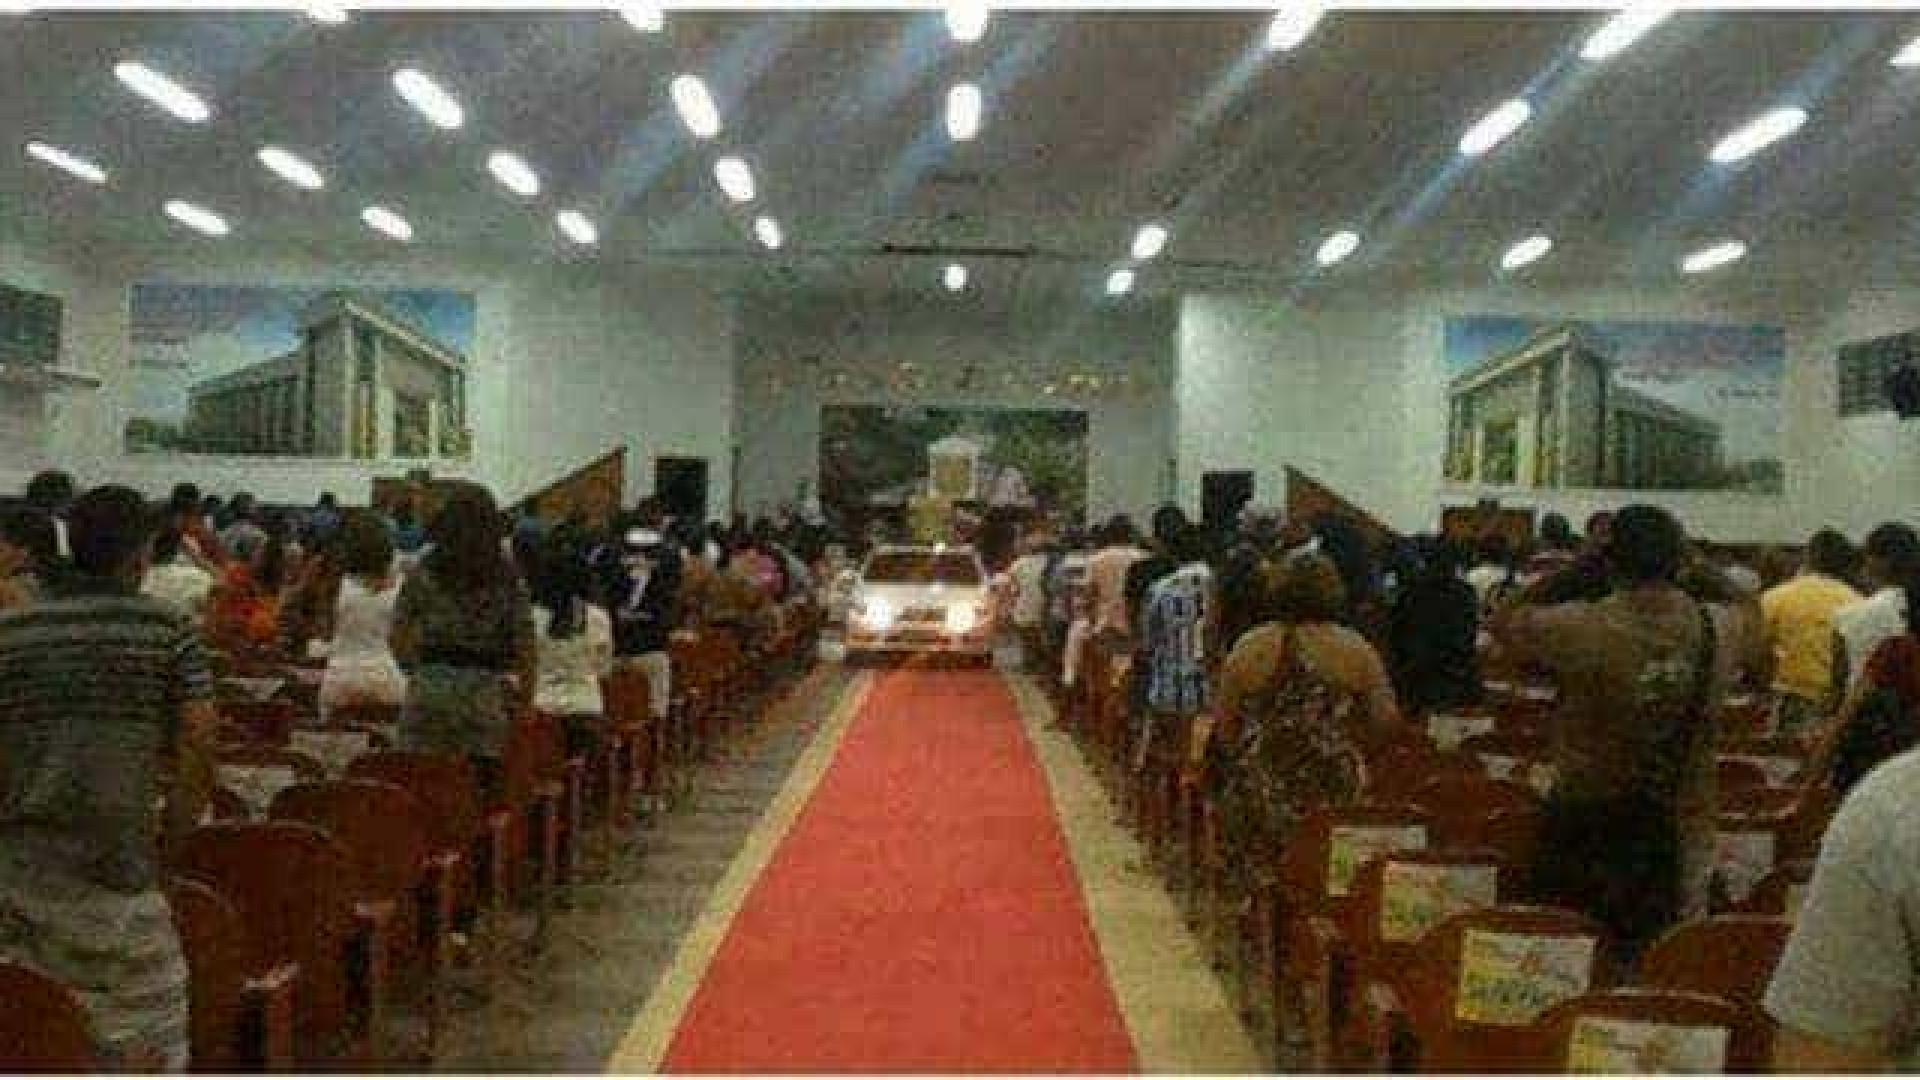 Pastor entra com carro dentro da igreja para cumprir ritual